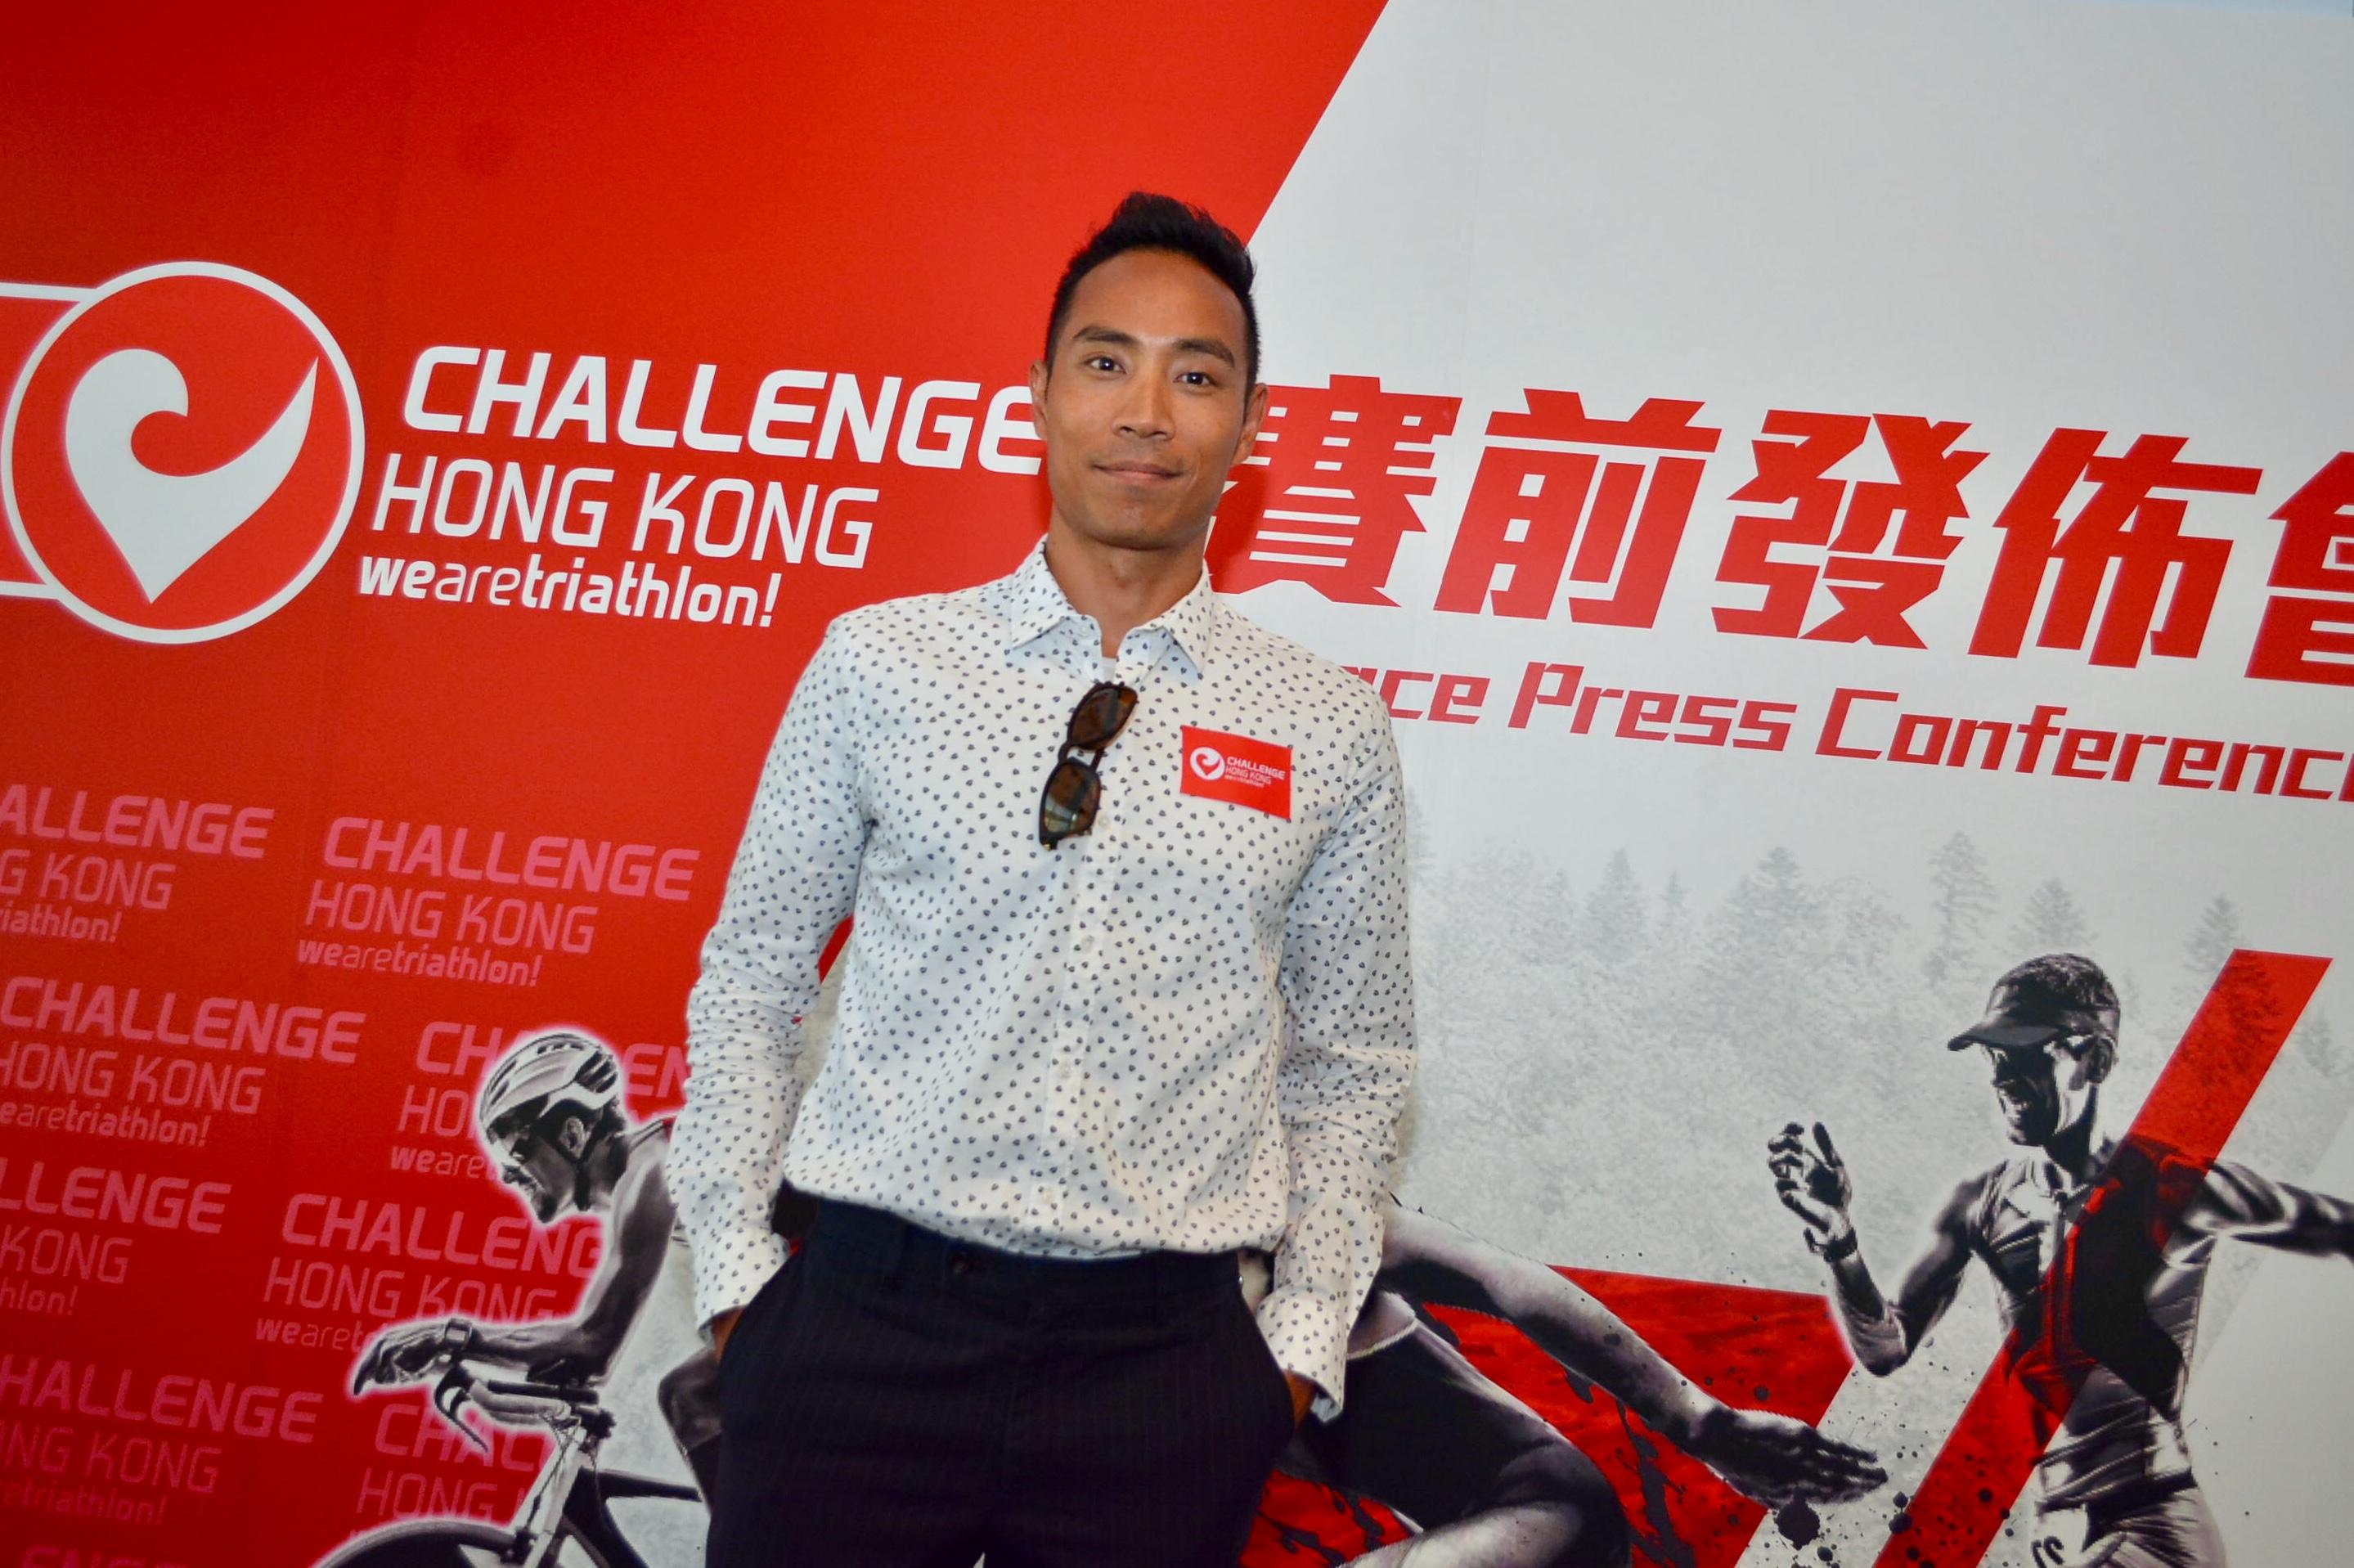 李致和出席首届Challenge Hong Kong国际三项铁人赛发布会,赛事将于十一月廿五日在大尾笃举行。梁柏琛摄